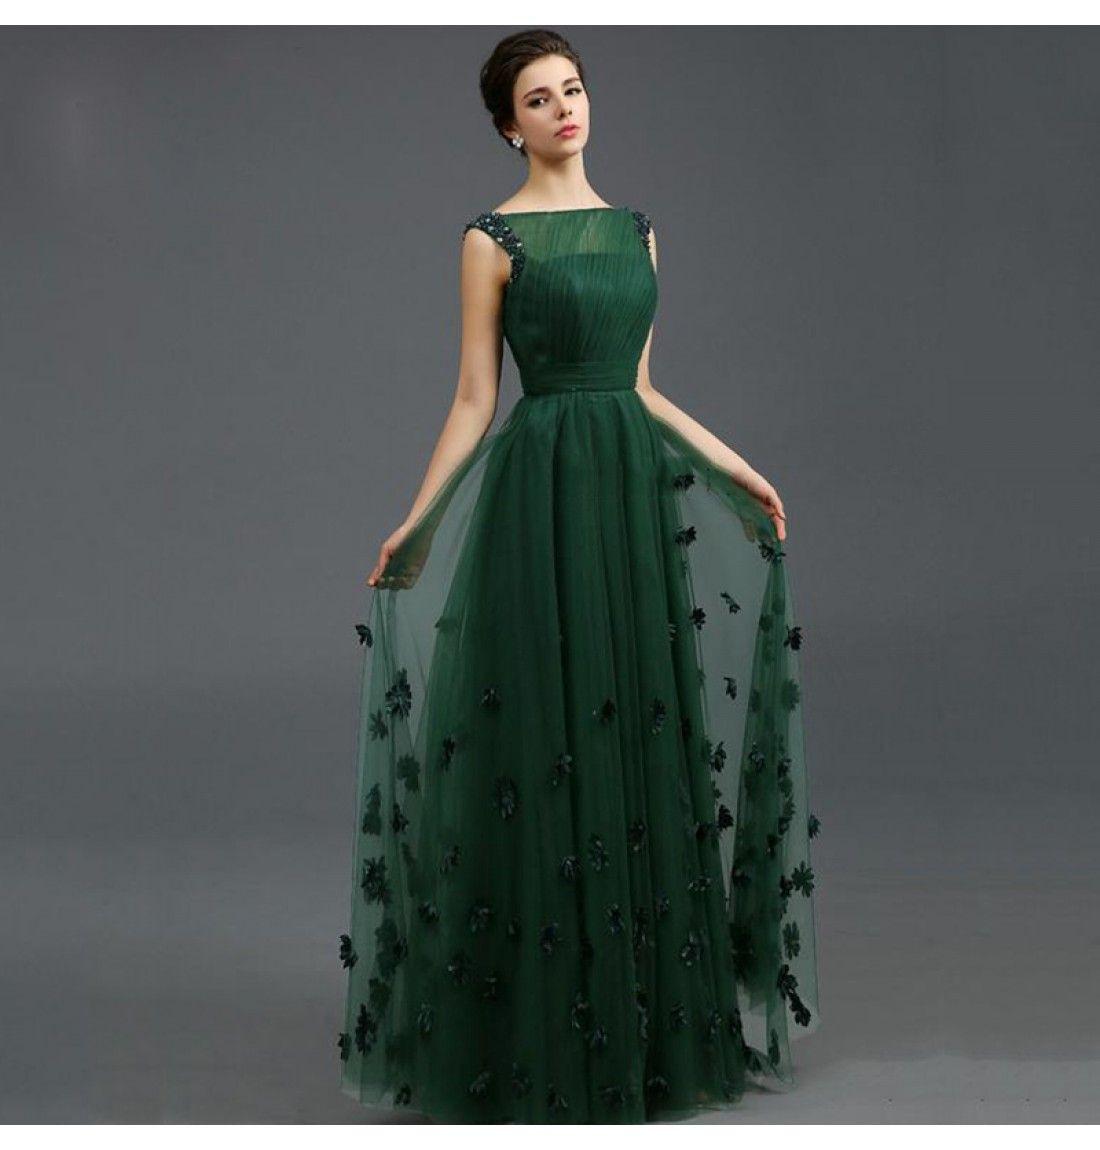 13 Coolste Abendkleid Kürzen Wie Lang Stylish Genial Abendkleid Kürzen Wie Lang Galerie